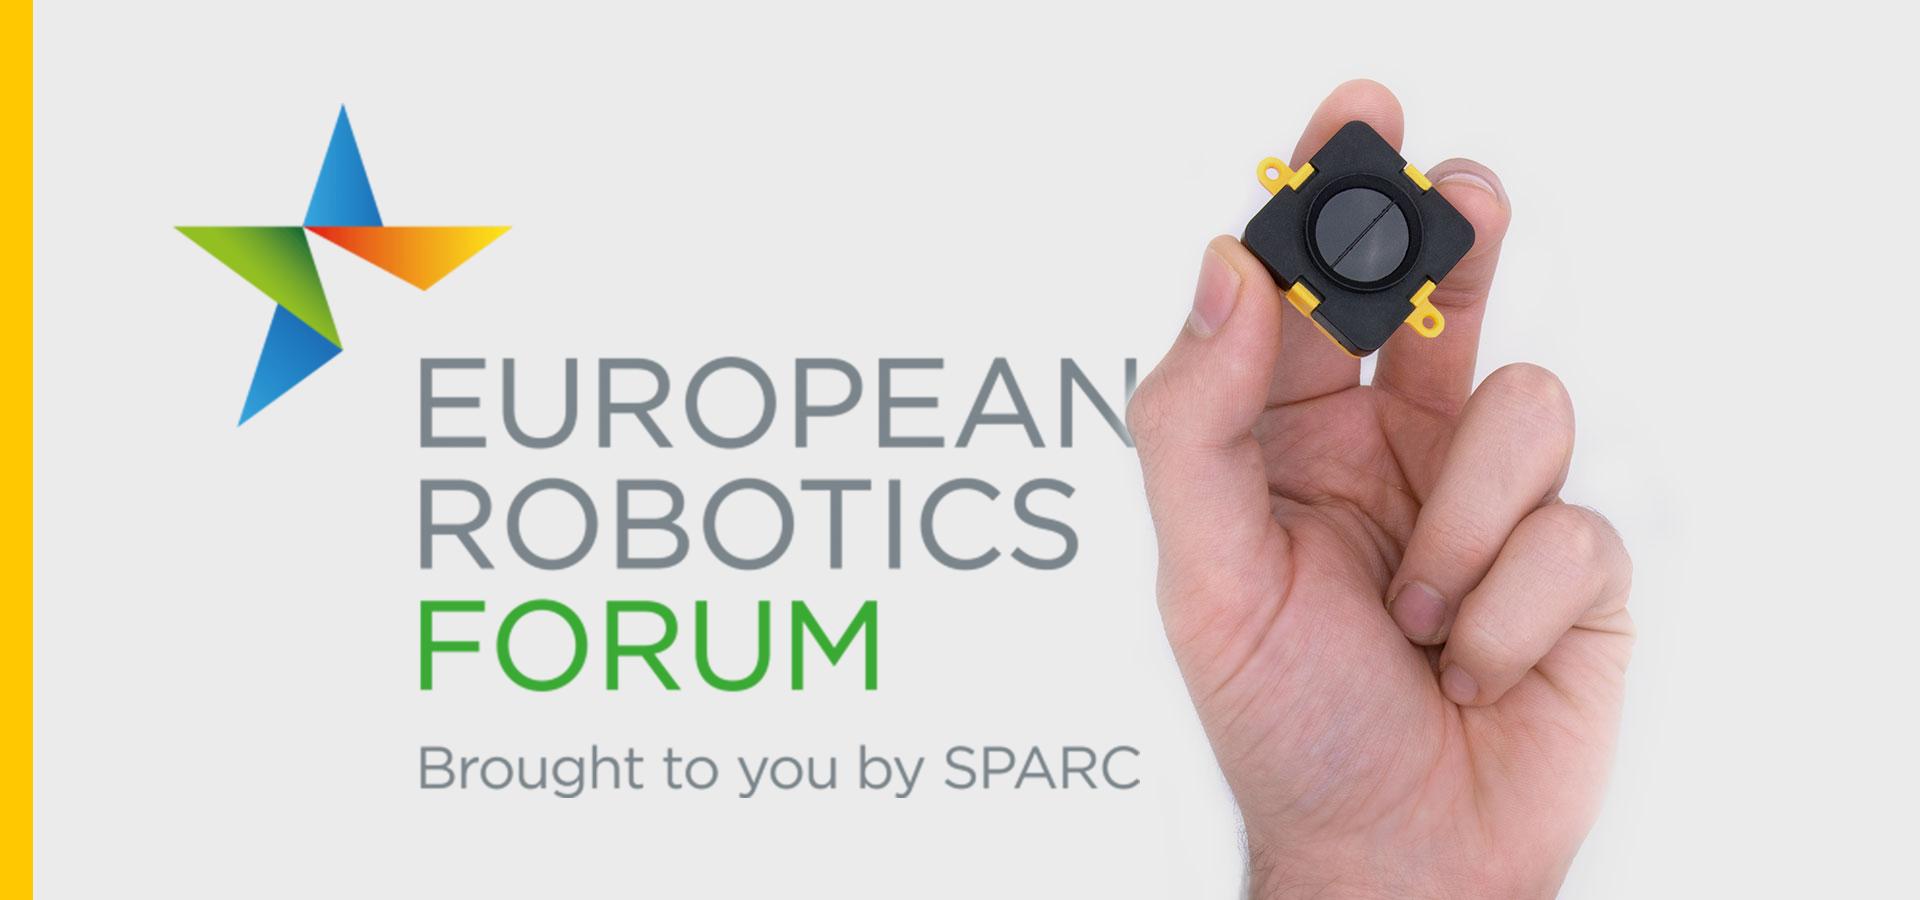 European Robotics Forum